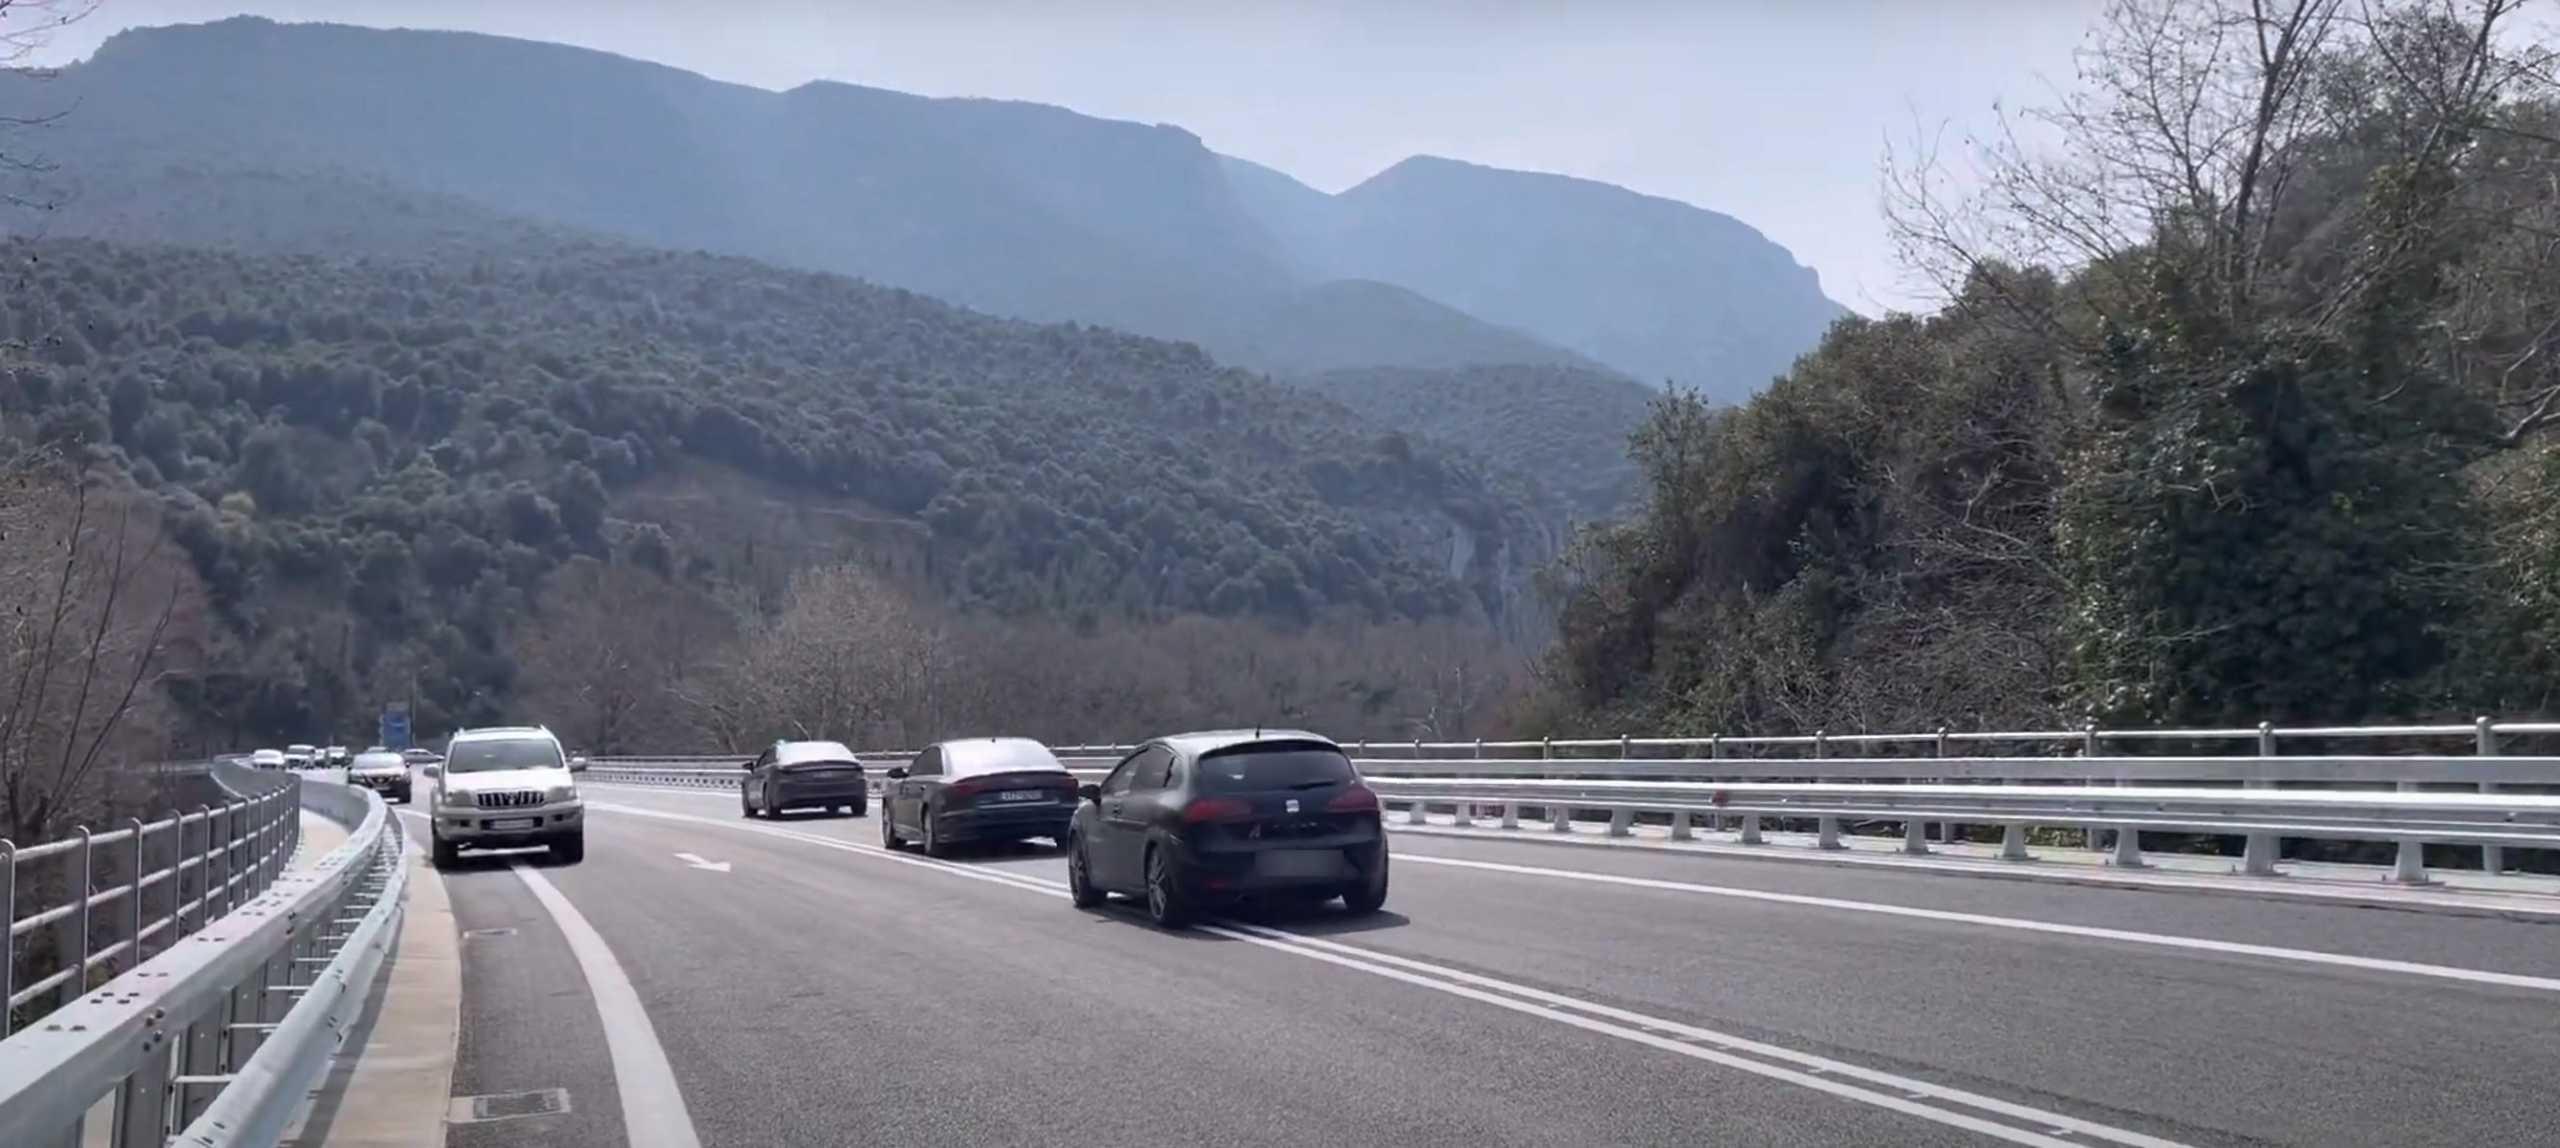 Στην κυκλοφορία η γέφυρα Τεμπών – «Συμβολικό έργο» είπε ο Καραμανλής (video)